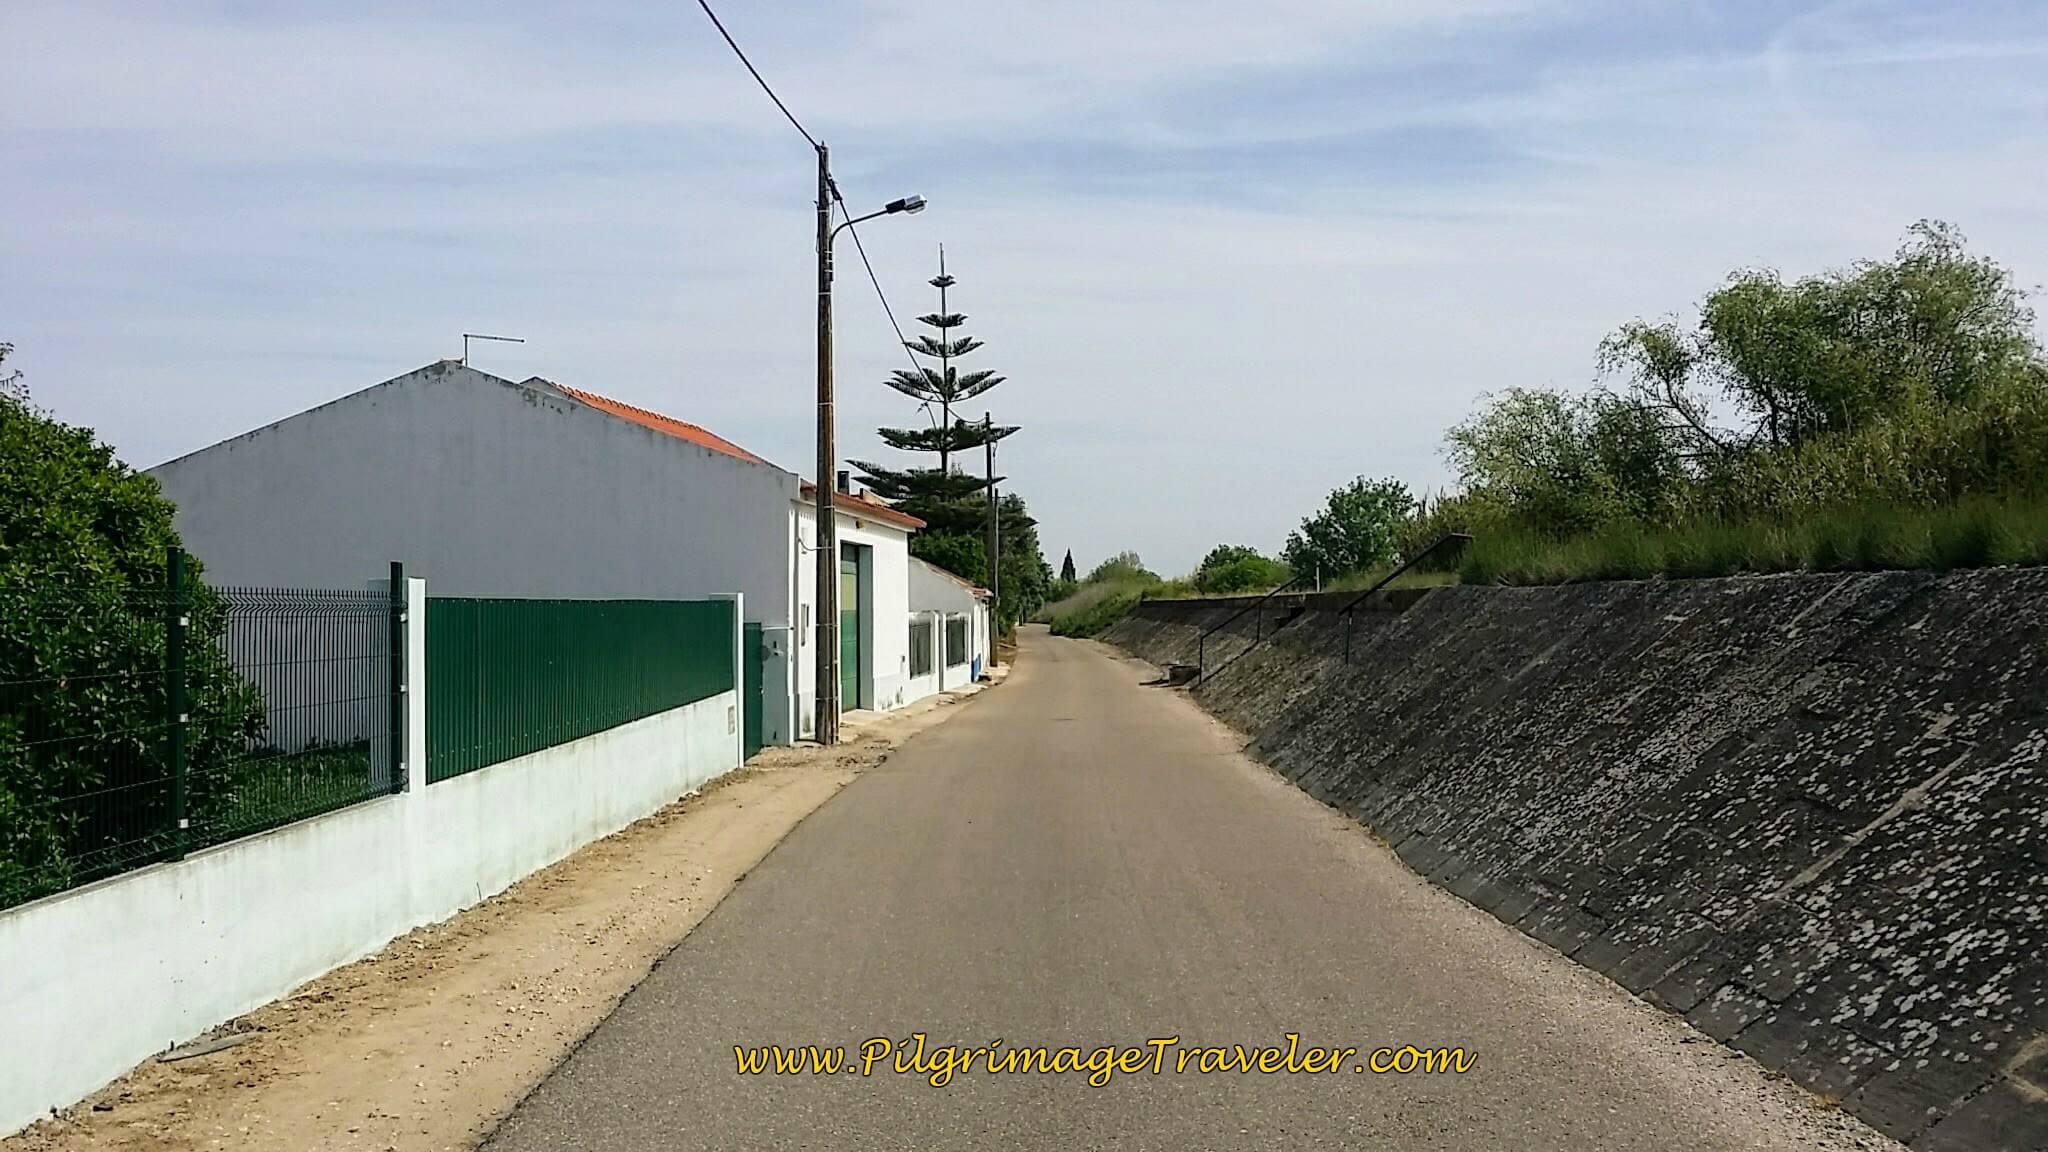 Rua Cova da Onça Along the Tejo River